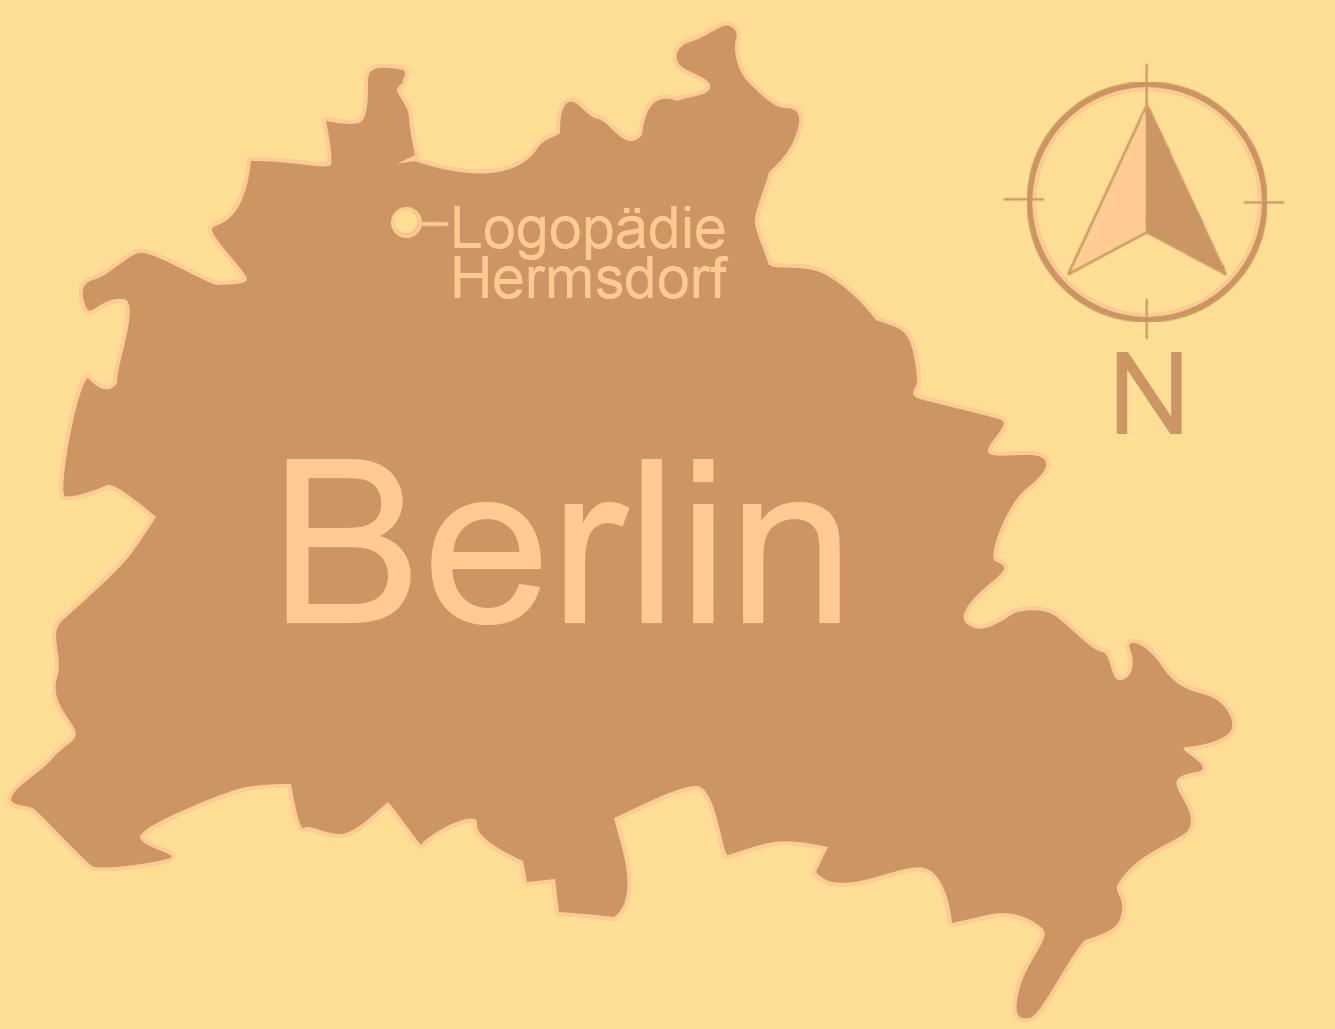 Logopädie Hermsdorf - im Norden Berlins. Grafik: Mary Cronos